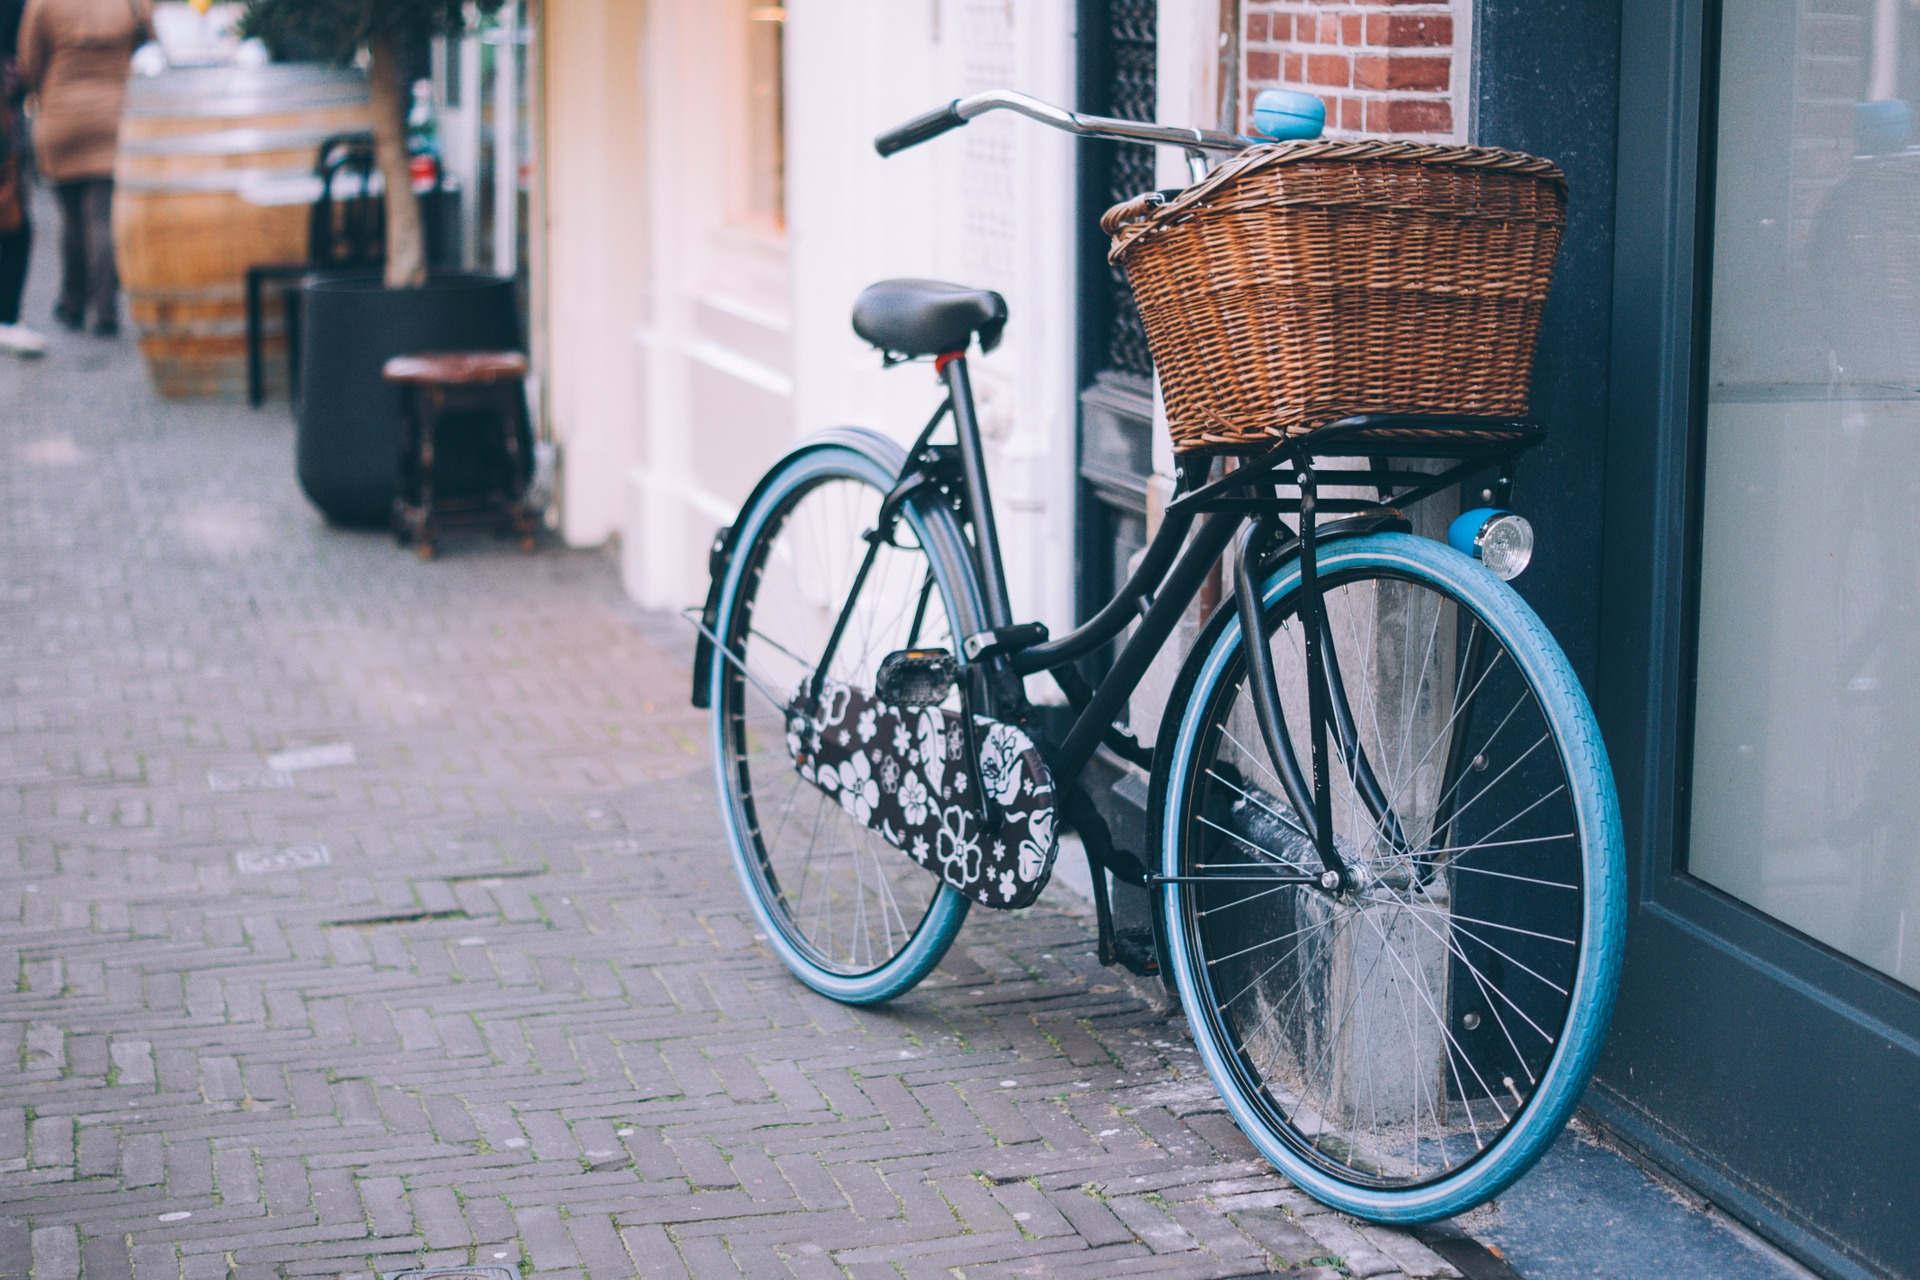 Fahrrad Check ✔ – Fahrrad fit machen und reparieren